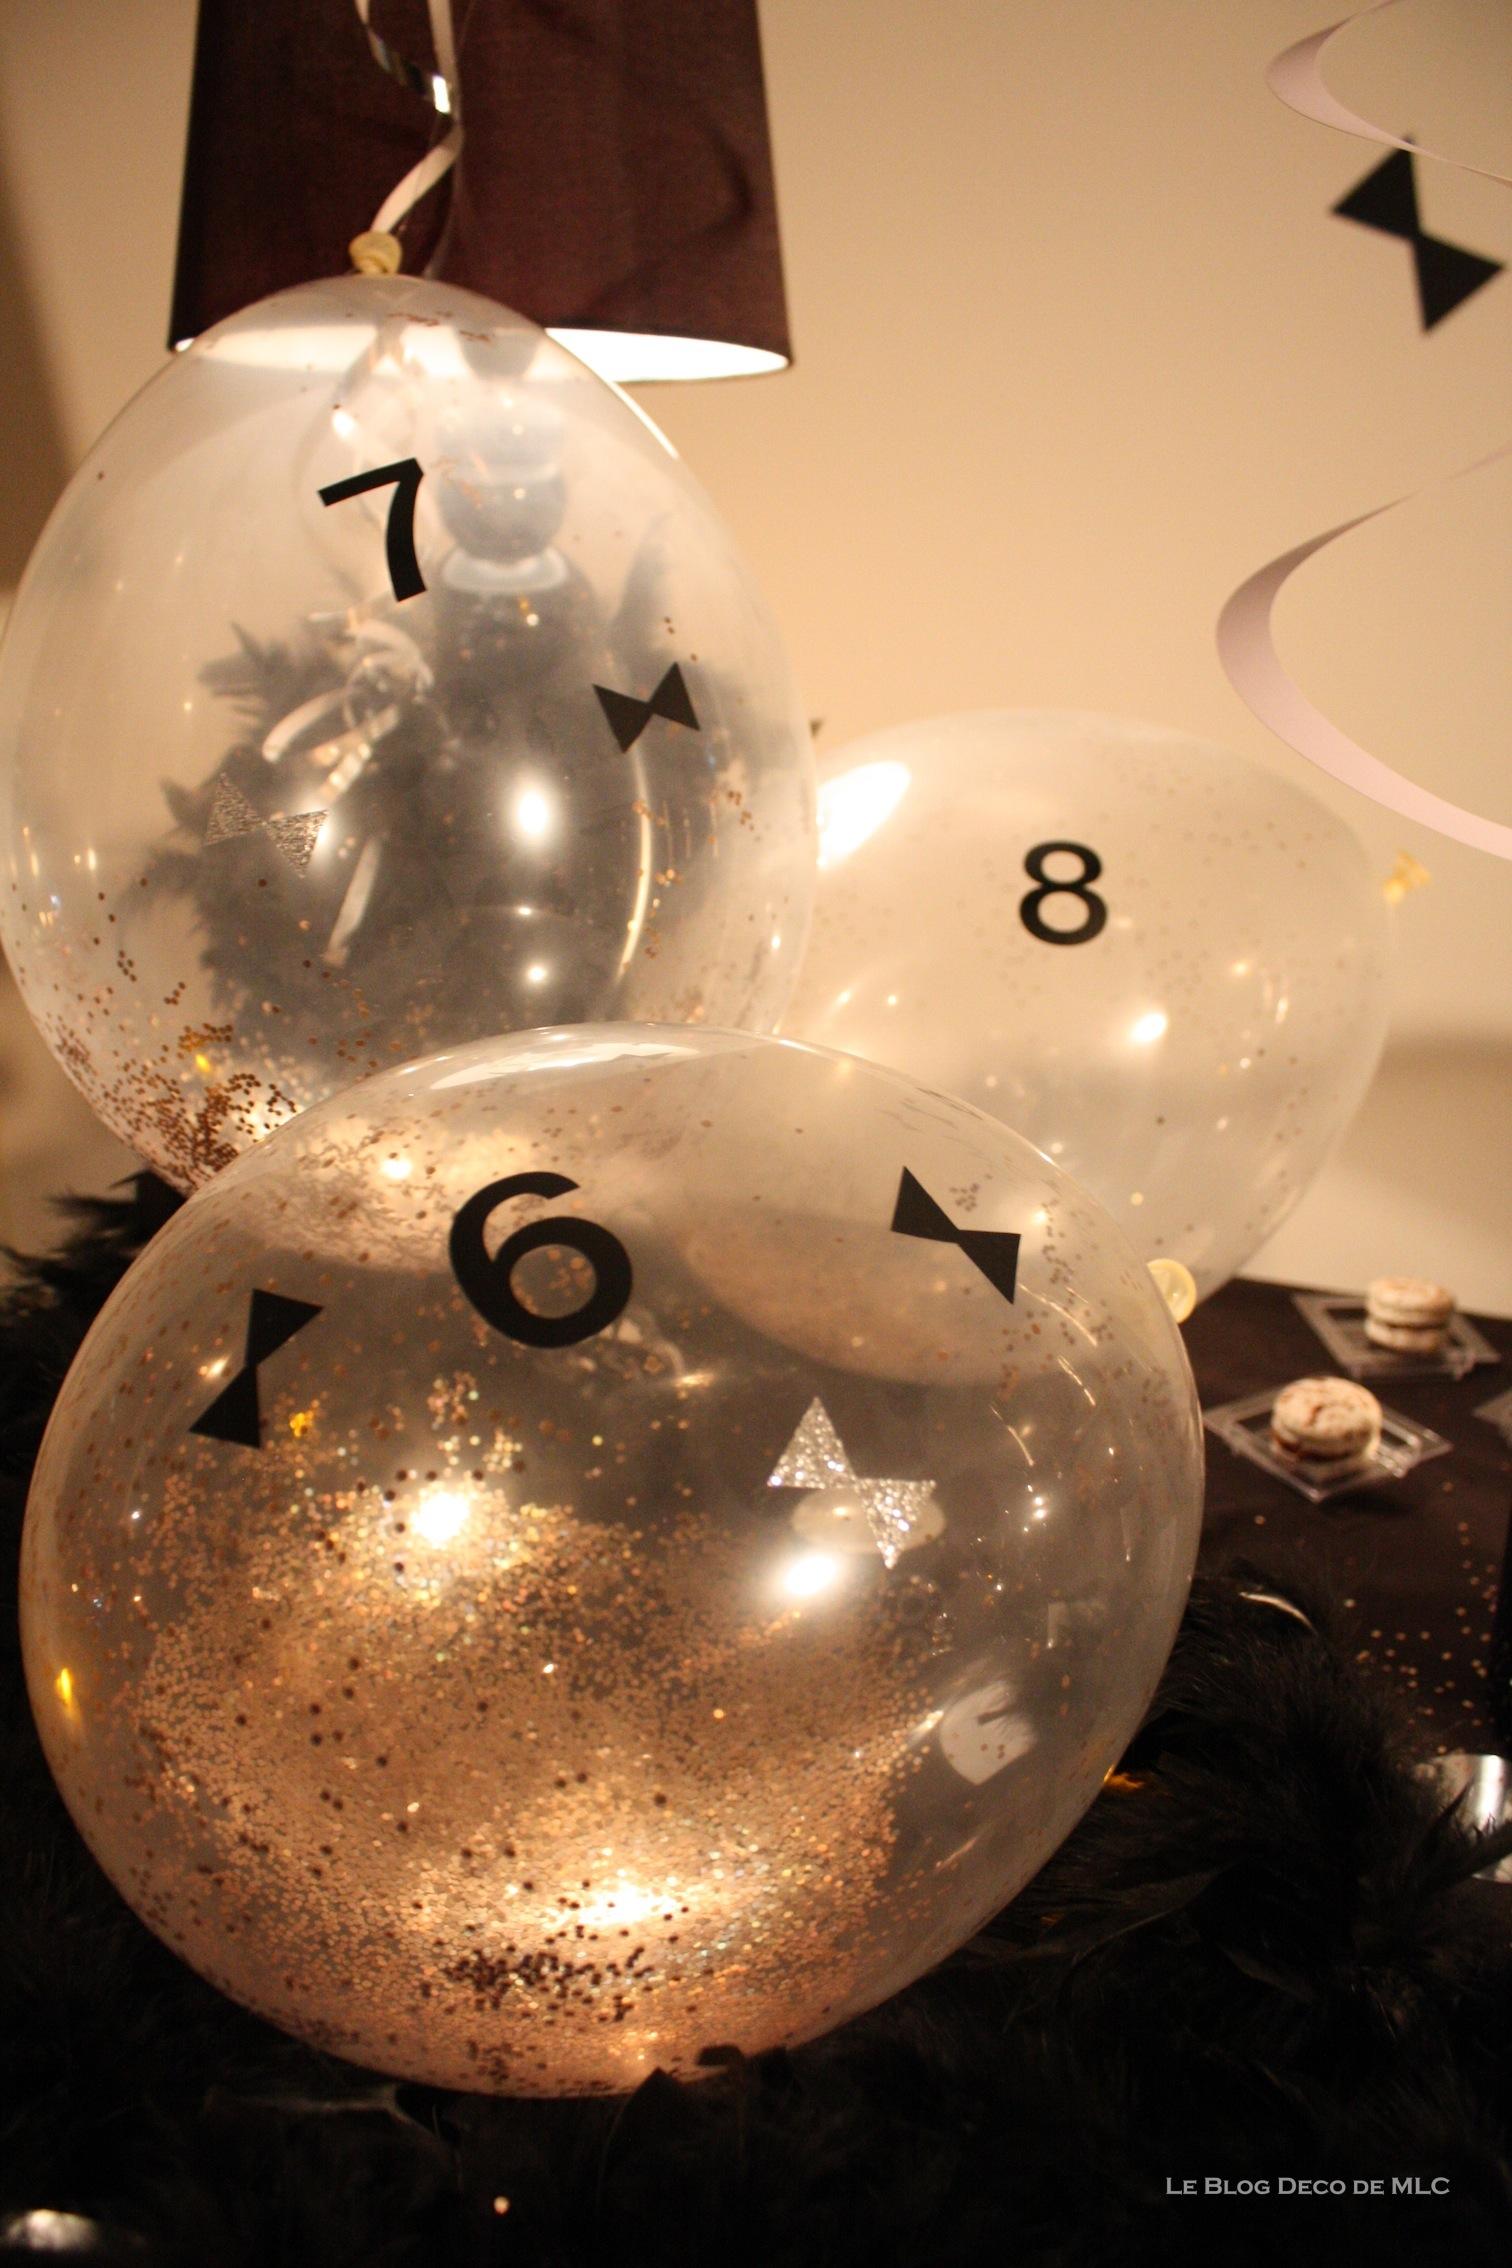 D coration r veillon nouvel an le blog d co de mlc for Decoration nouvel an